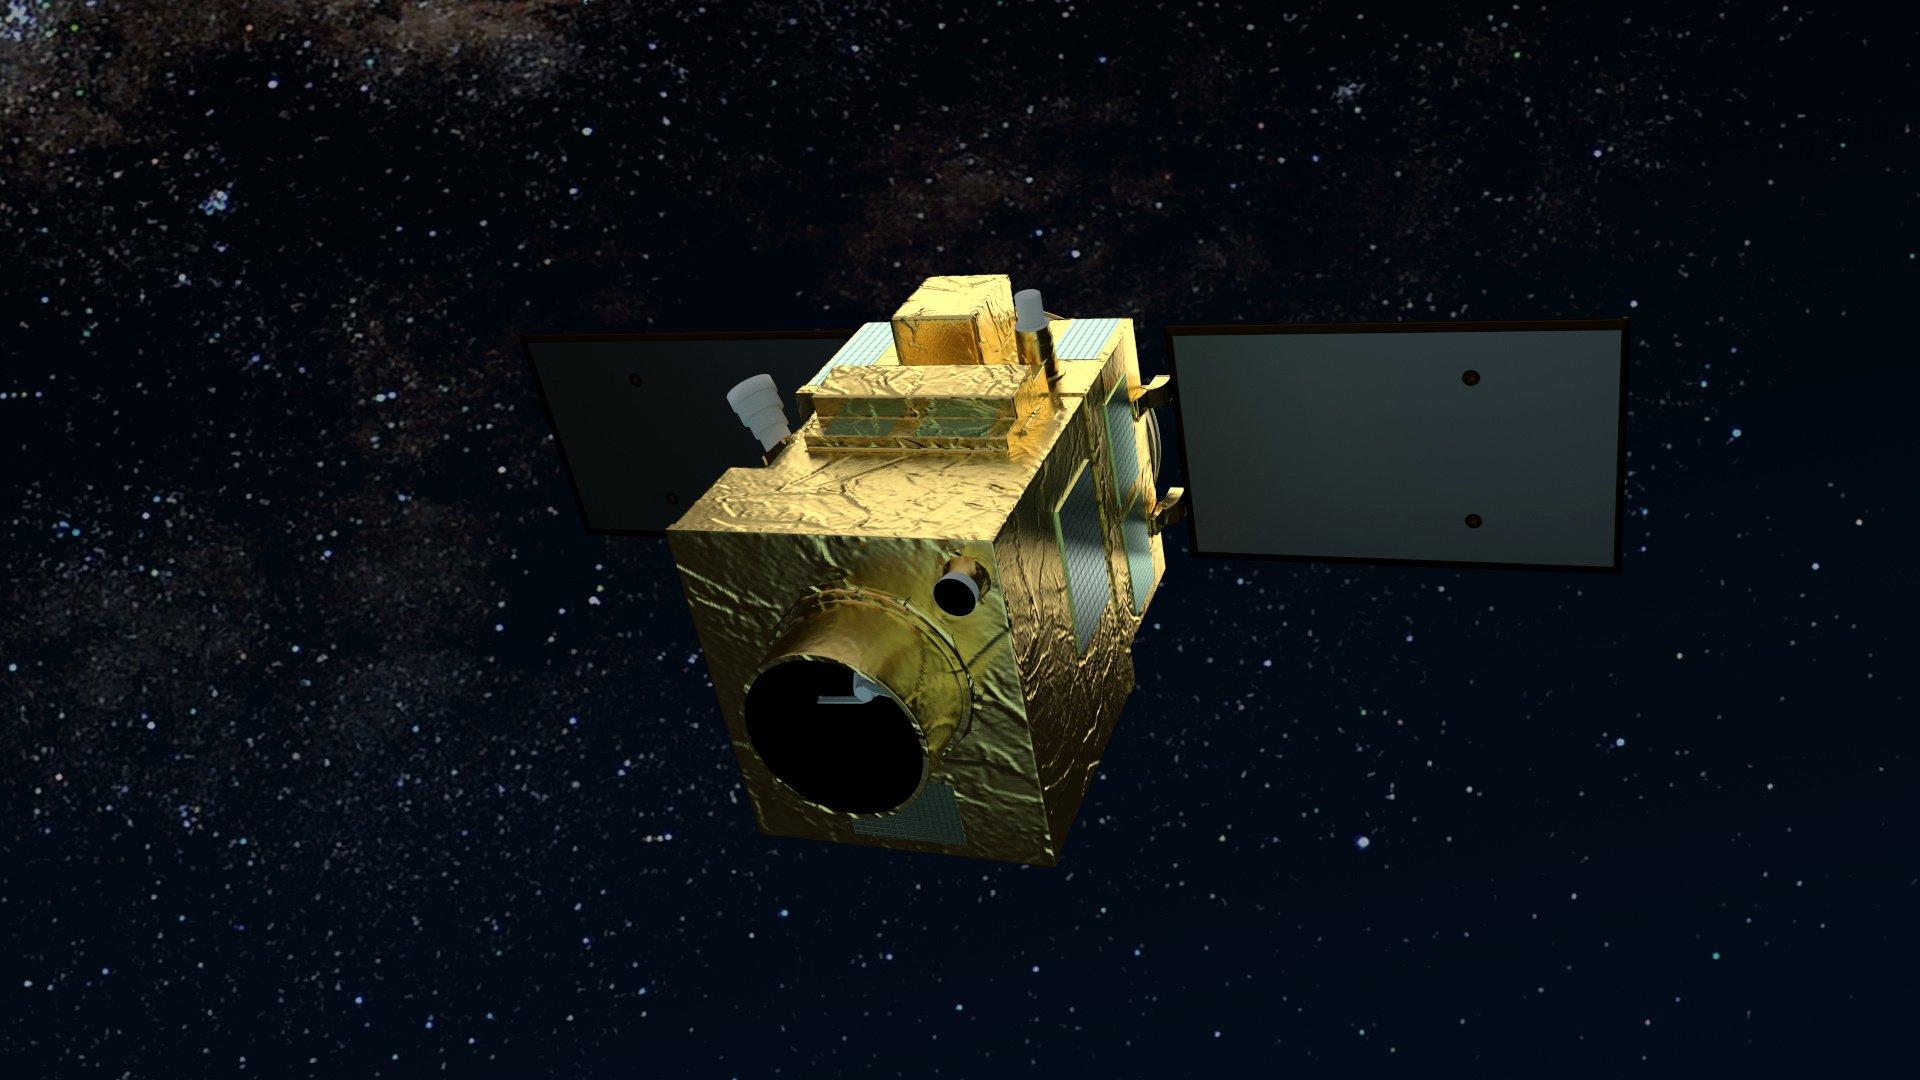 PerùSAT-1 satellite in orbit